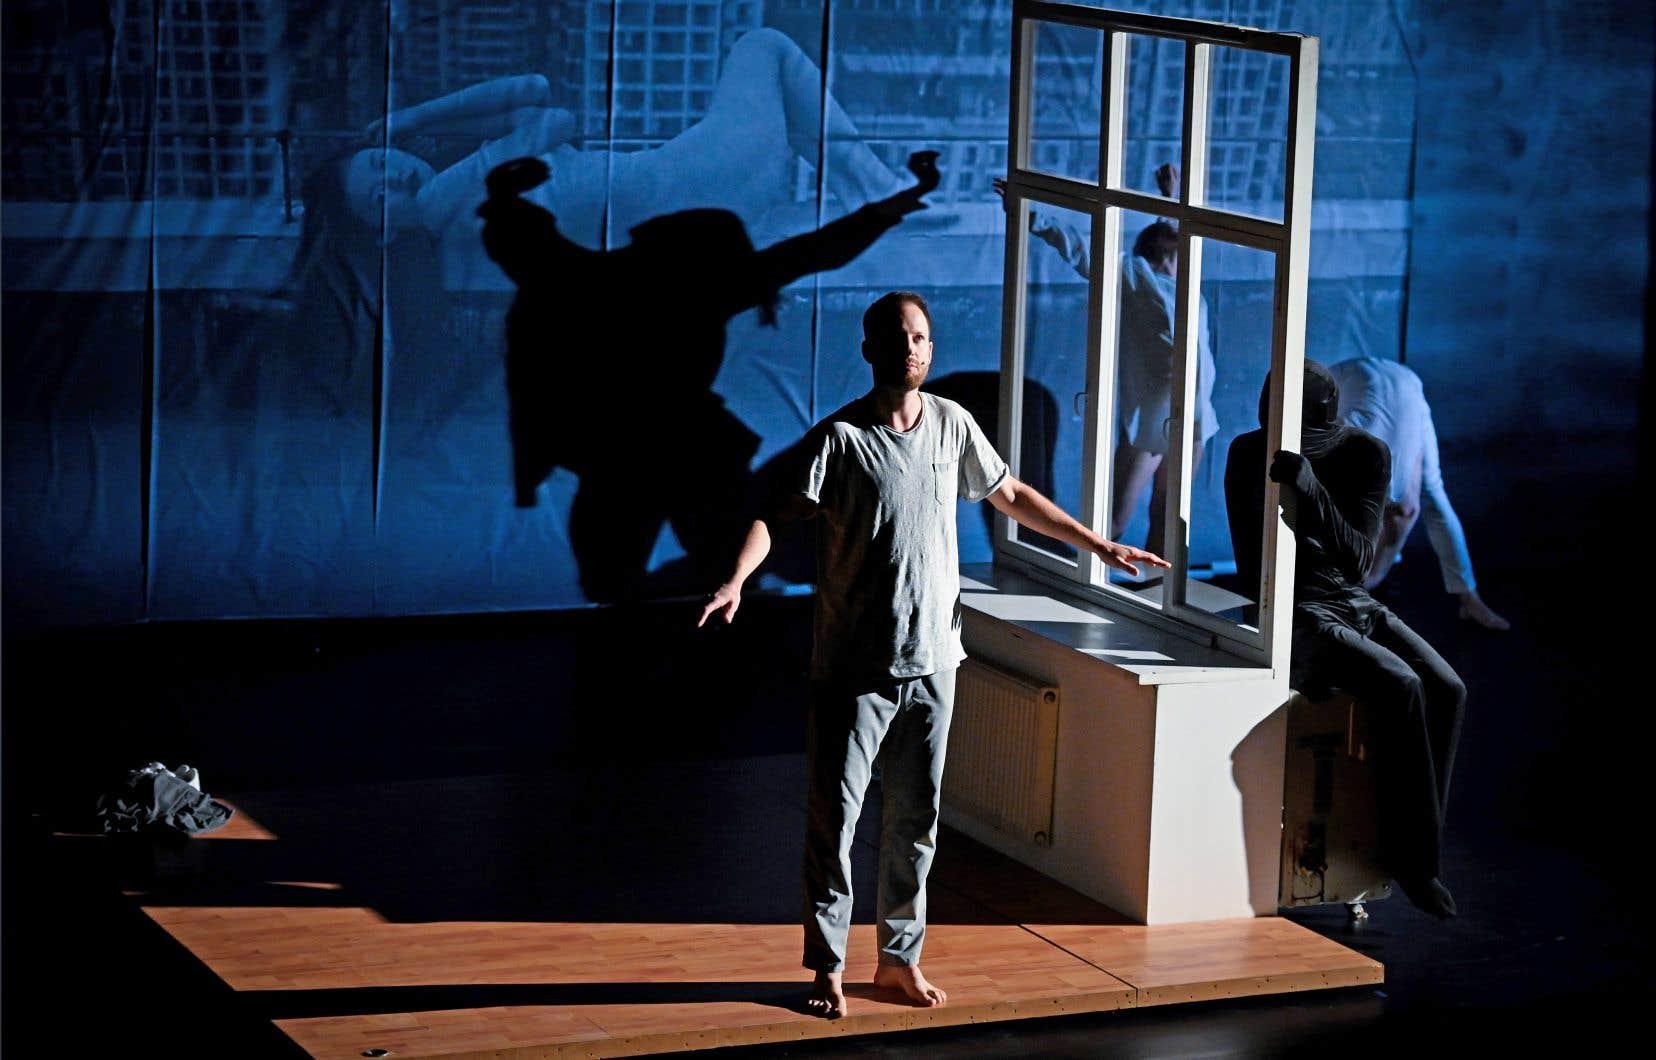 Opposant à la censure une folle liberté des corps et des langues, la pièce «Outside» de Kirill Serebrennikov, est sexy et poétique à souhait. Le metteur en scène flirte avec une danse-théâtre captivante.